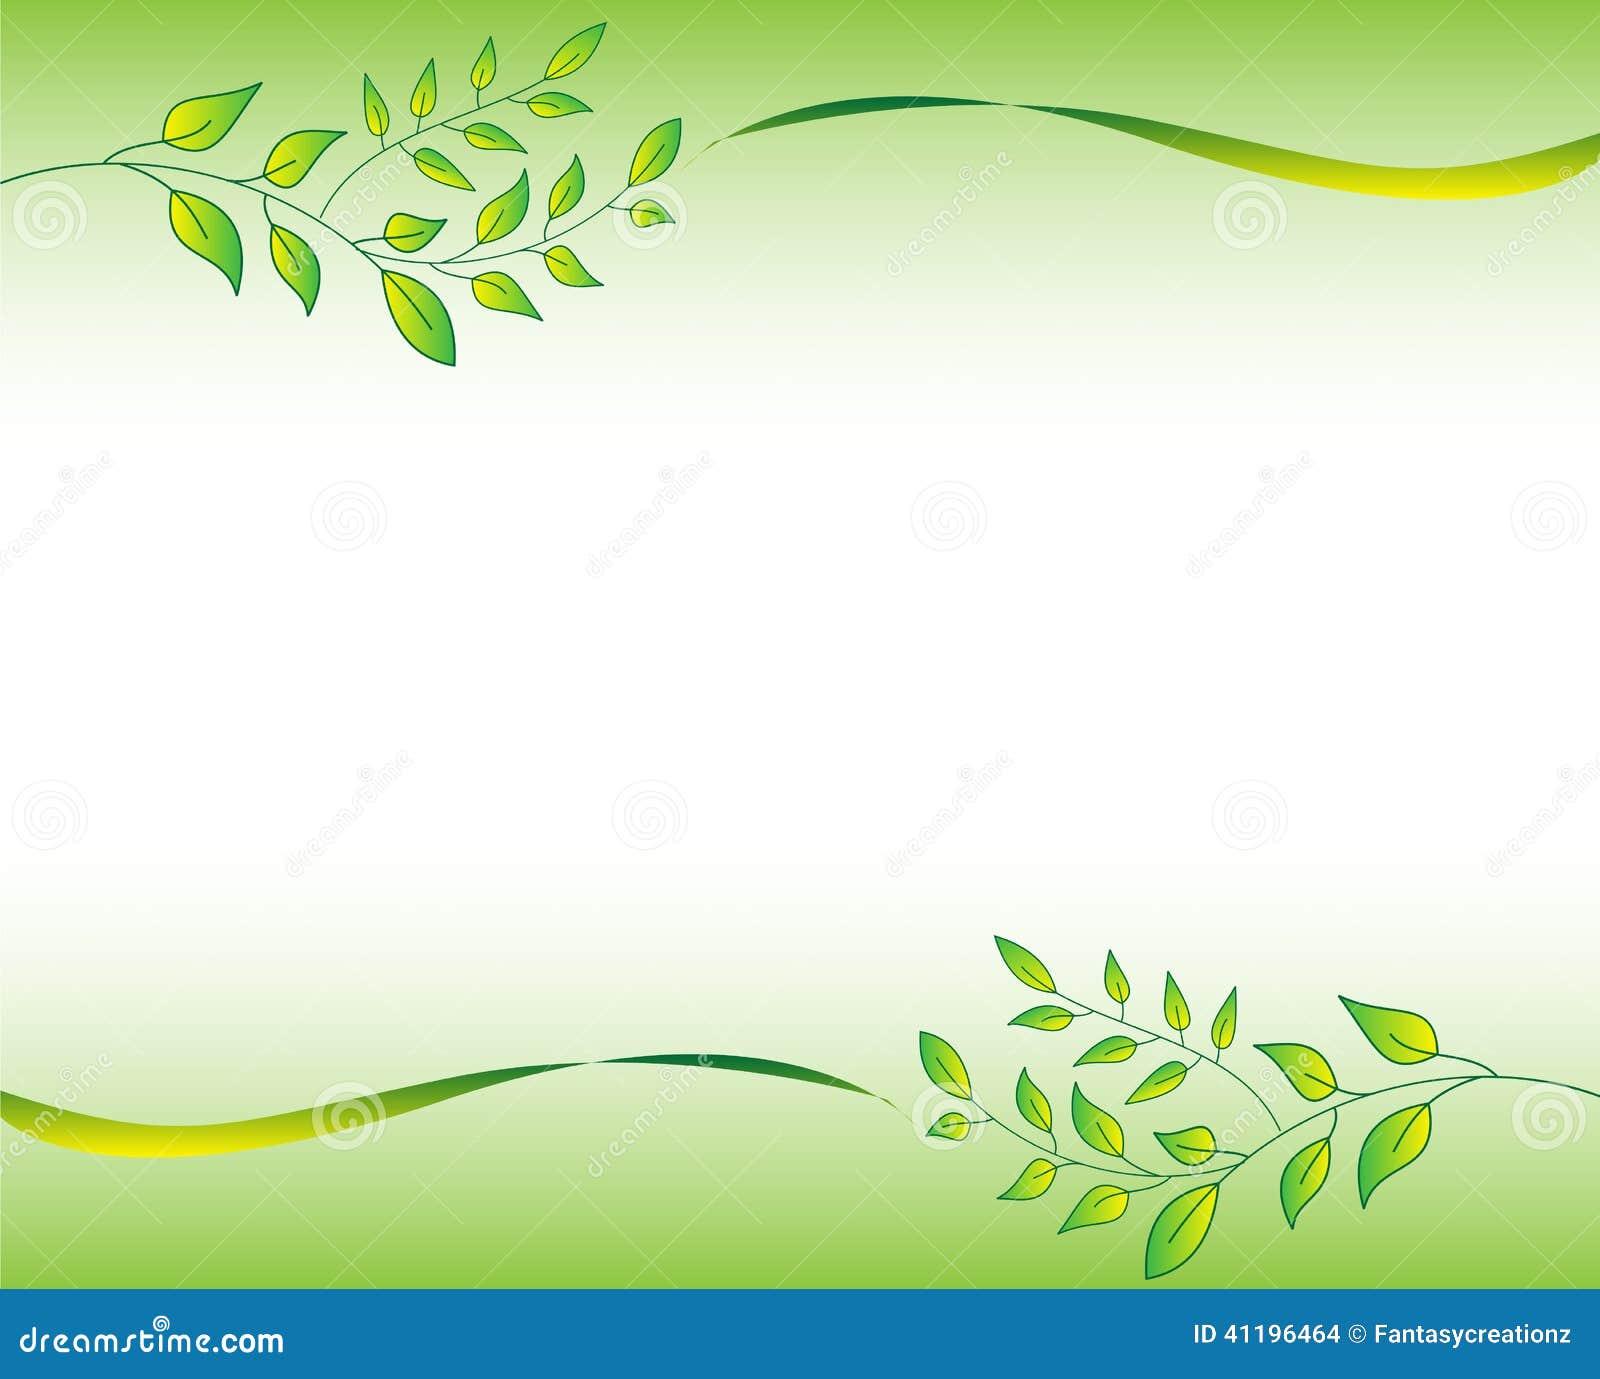 Green leaf border illustration featuring frame leaves 41196464 jpg